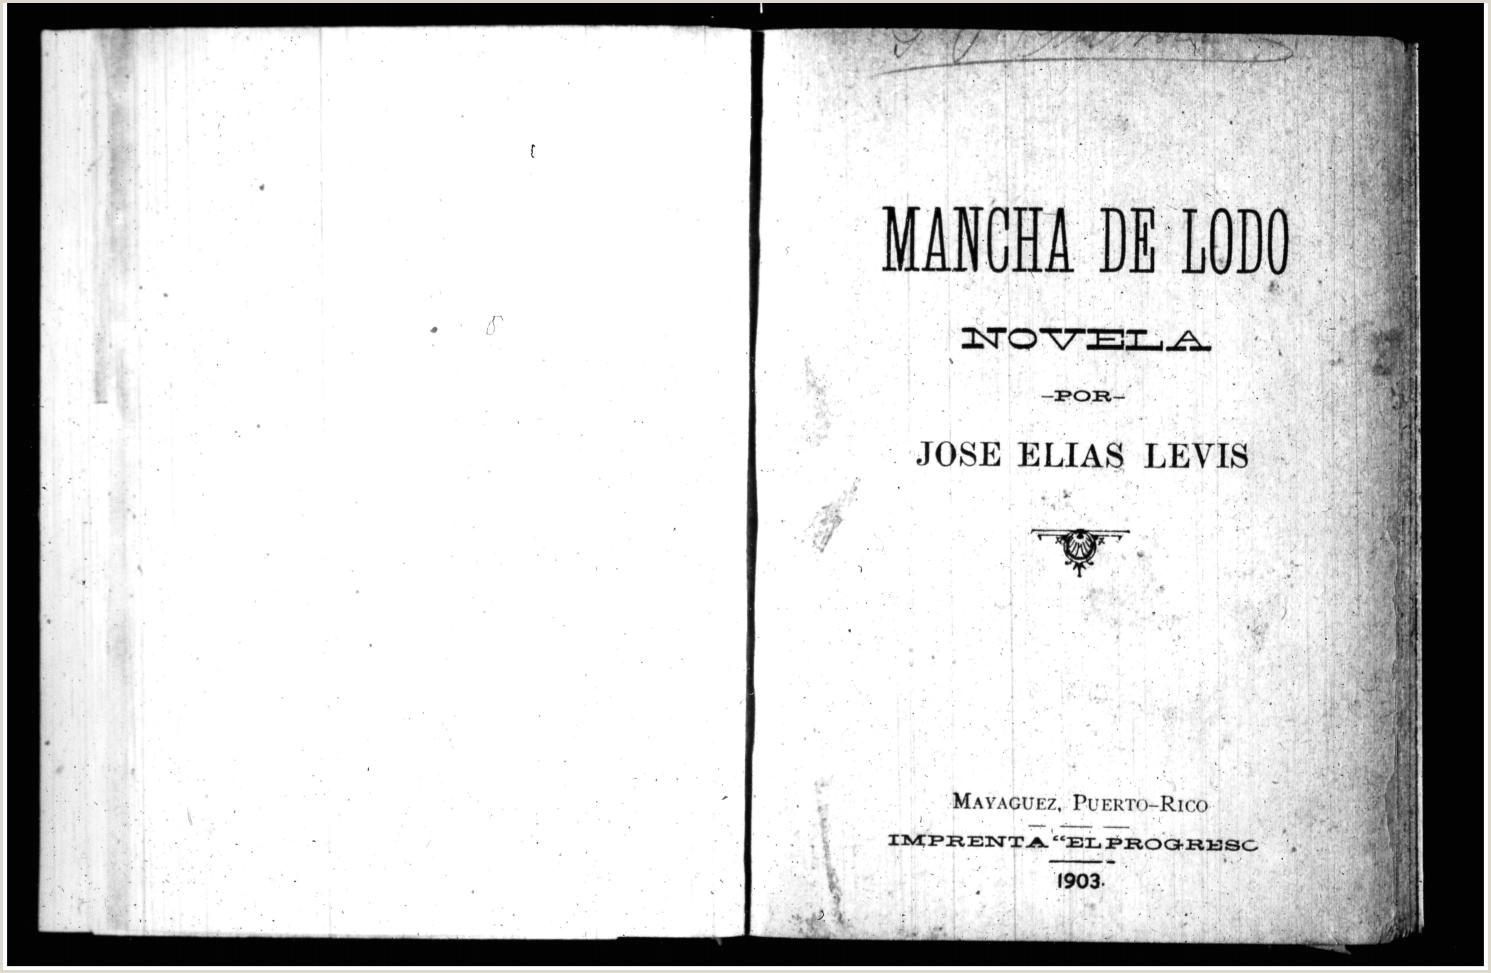 Mancha de lodo novela 1903 by Colecci³n Puertorrique±a